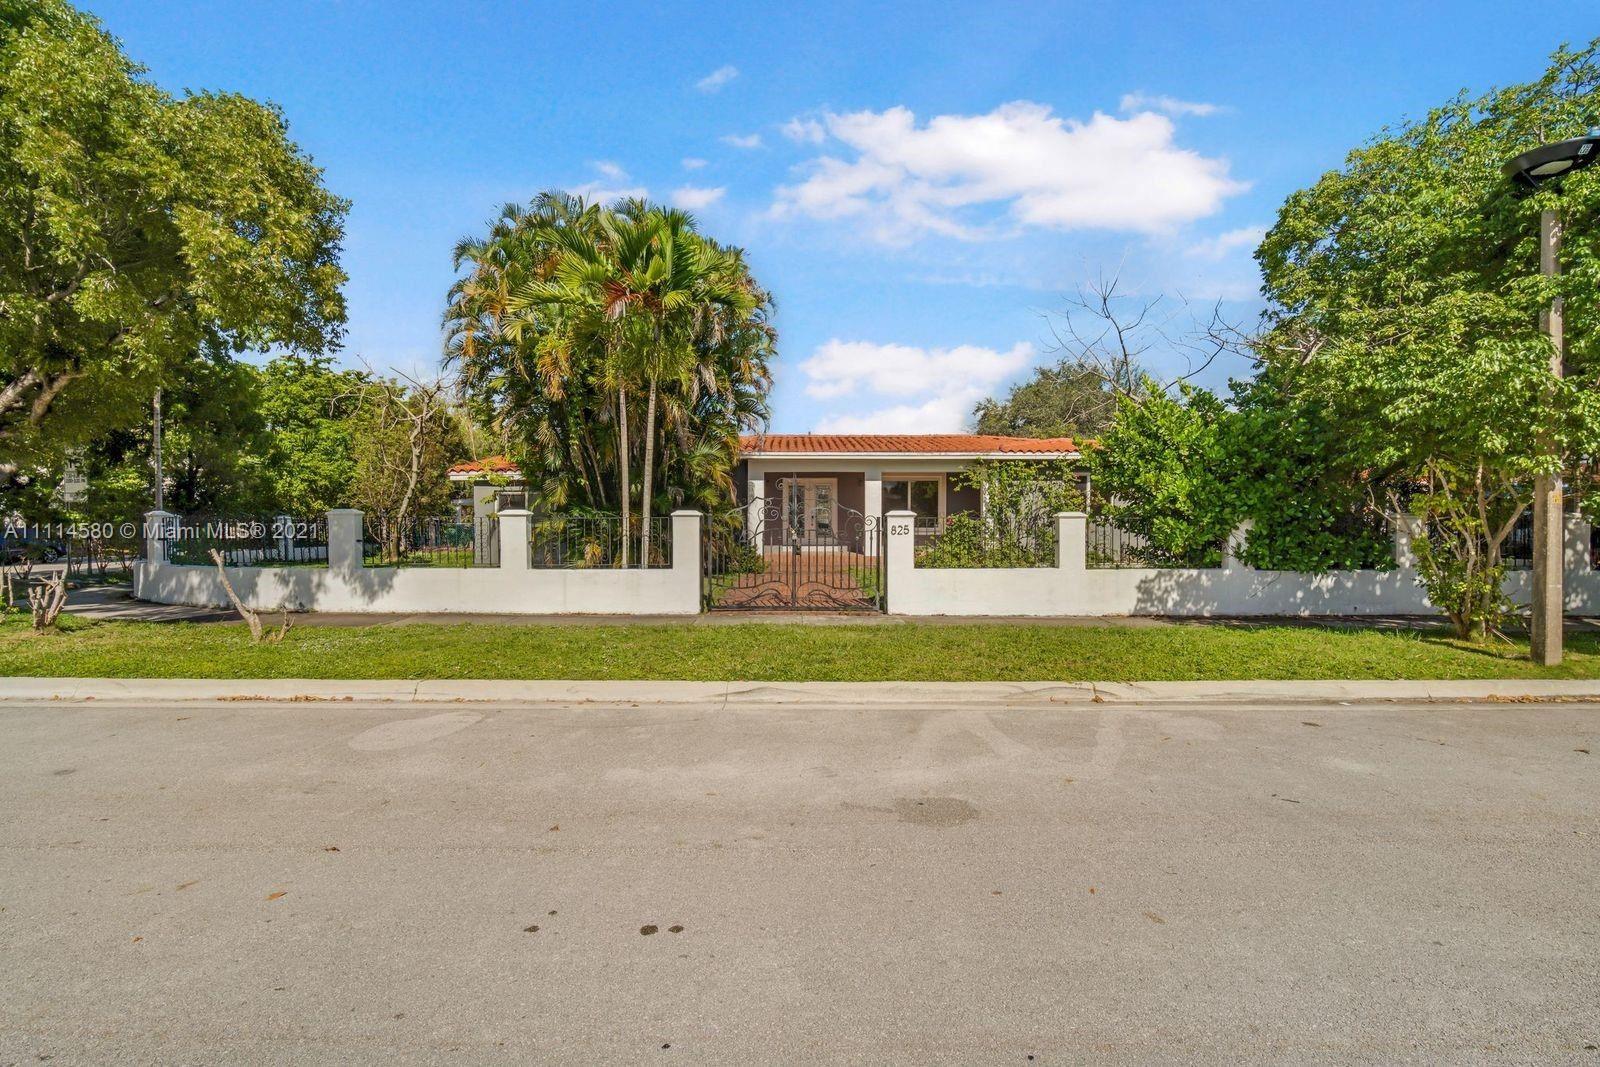 825 SW 28th Rd, Miami, FL 33129 - #: A11114580